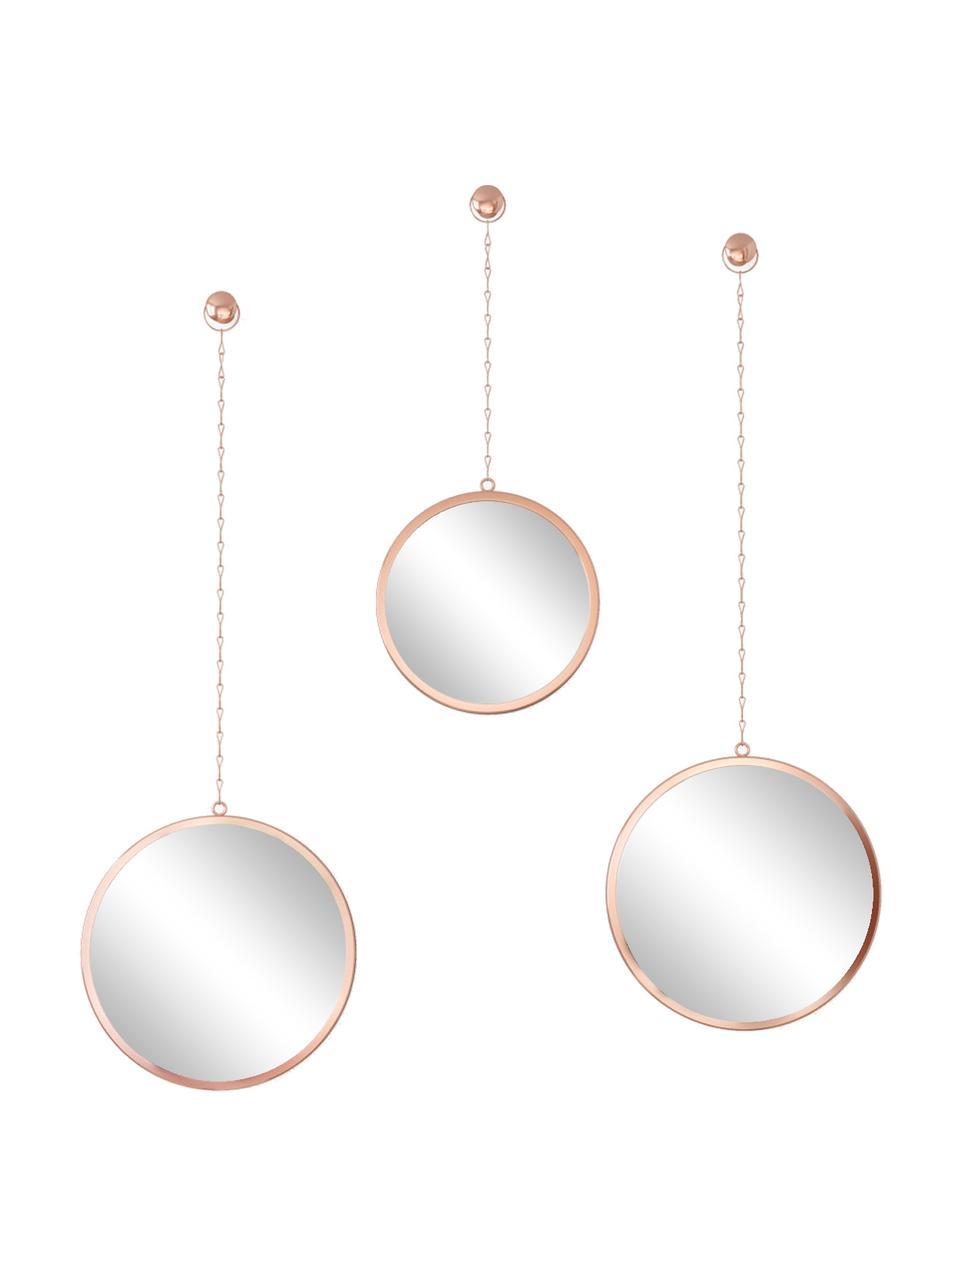 Rundes Wandspiegel-Set Dima mit kupferfarbenen Metallrahmen, 3-tlg., Rahmen: Metall, beschichtet, Spiegelfläche: Spiegelglas, Kupferfarben, Set mit verschiedenen Größen